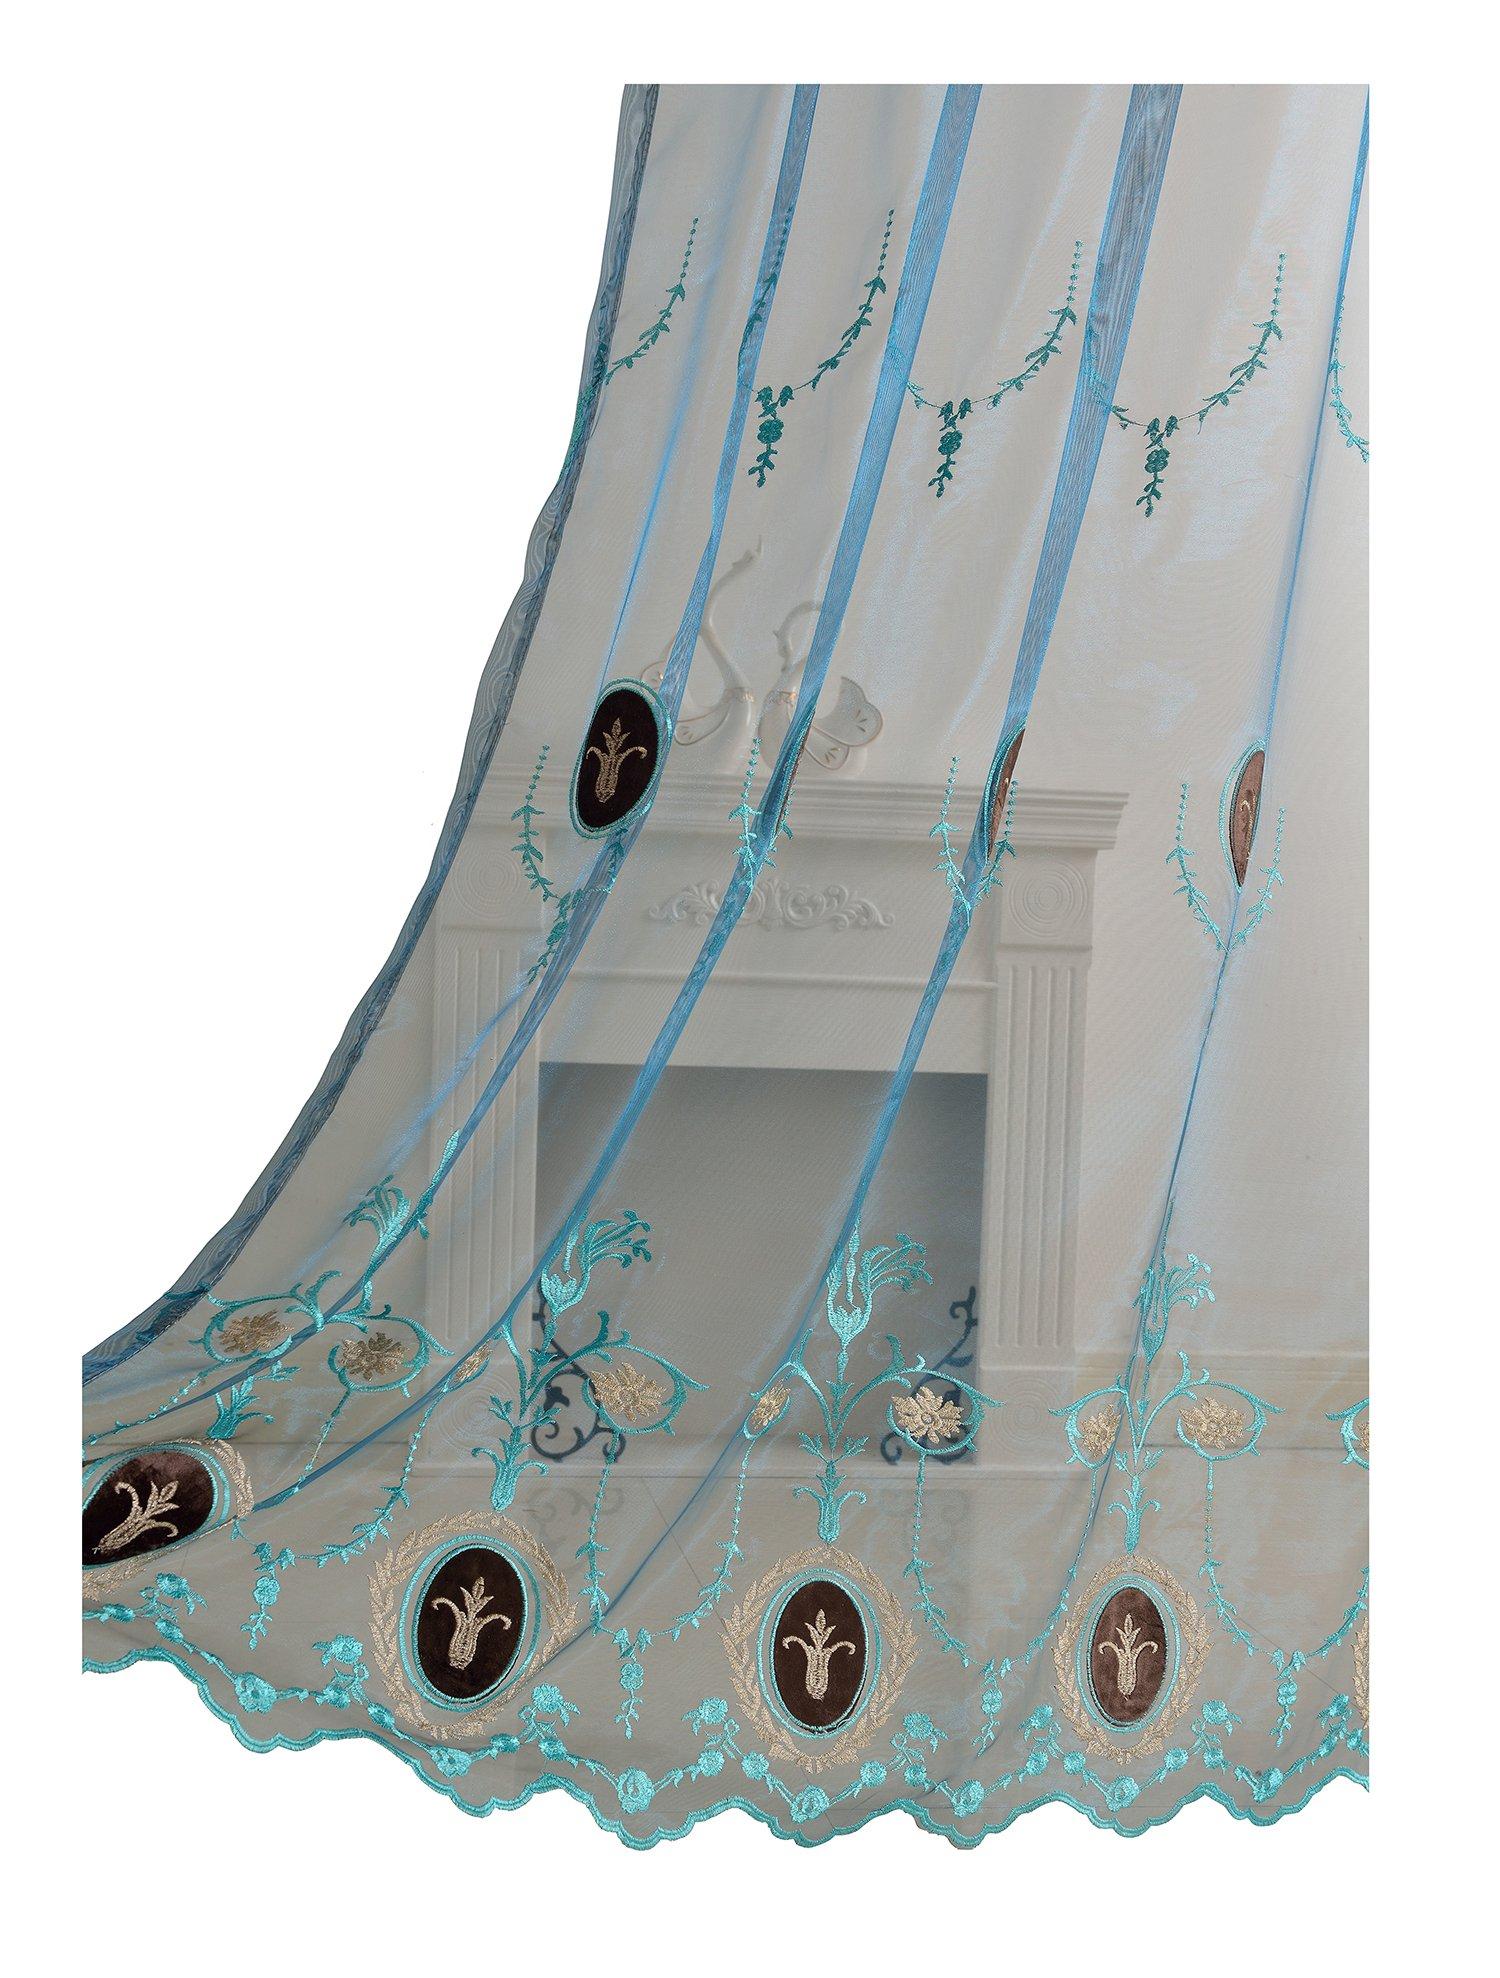 Aside Bside Vines Embroidered Sheer Curtains Velvet Added Rod Pocket Top Elegant Design (1 Panel, W 52 x L 63 inch, Blue 5) -128164052638505C1PGC